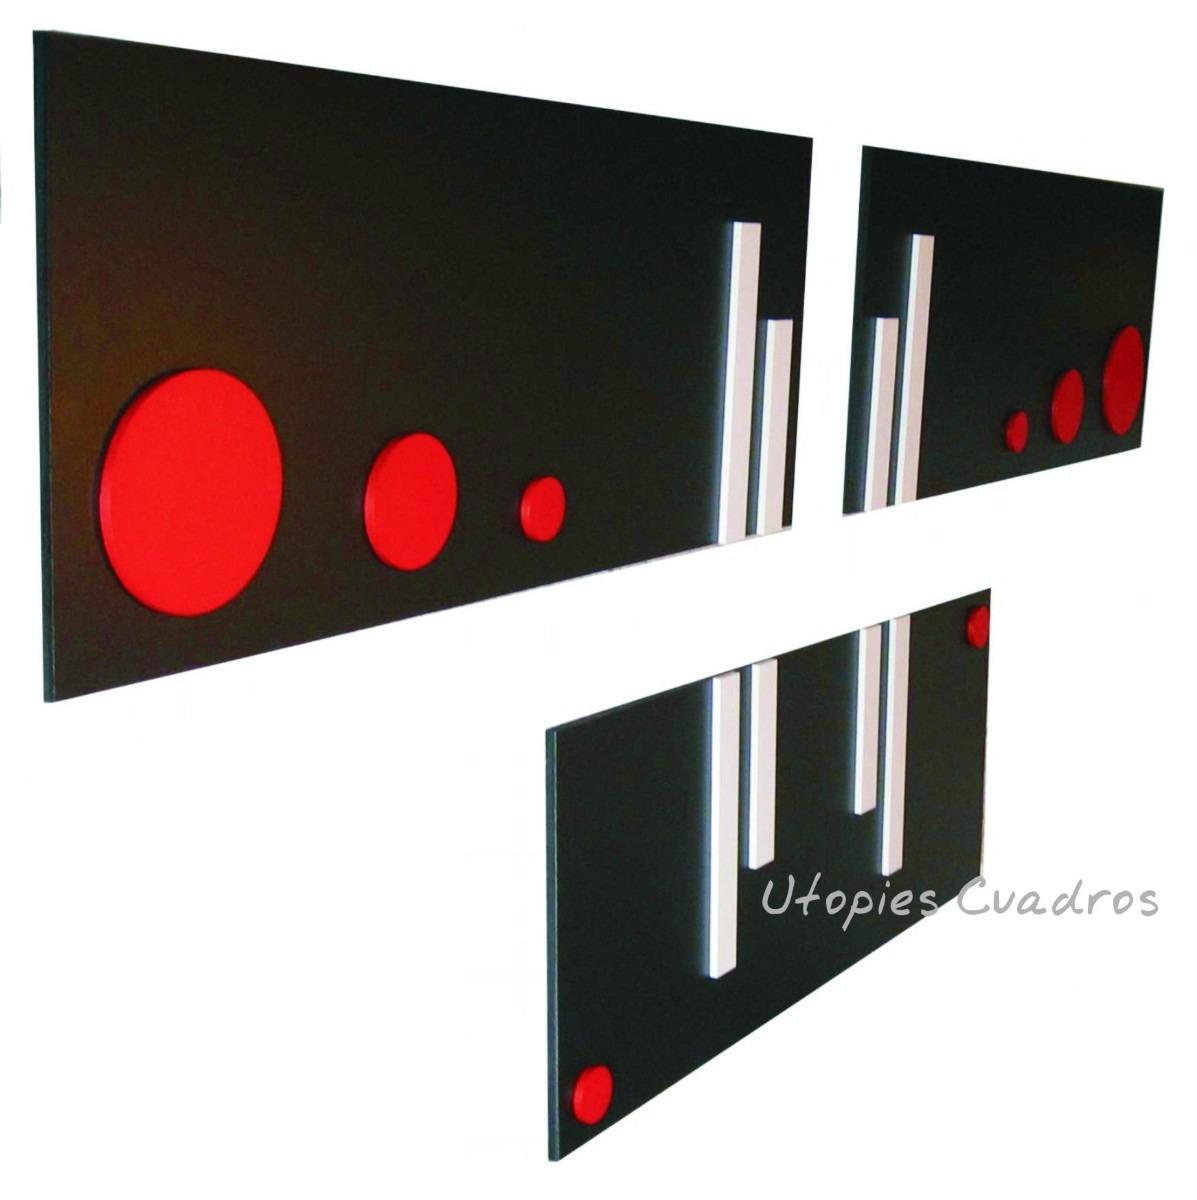 Cuadros dipticos tripticos gran variedad modernos car for Imagenes de cuadros abstractos rusticos